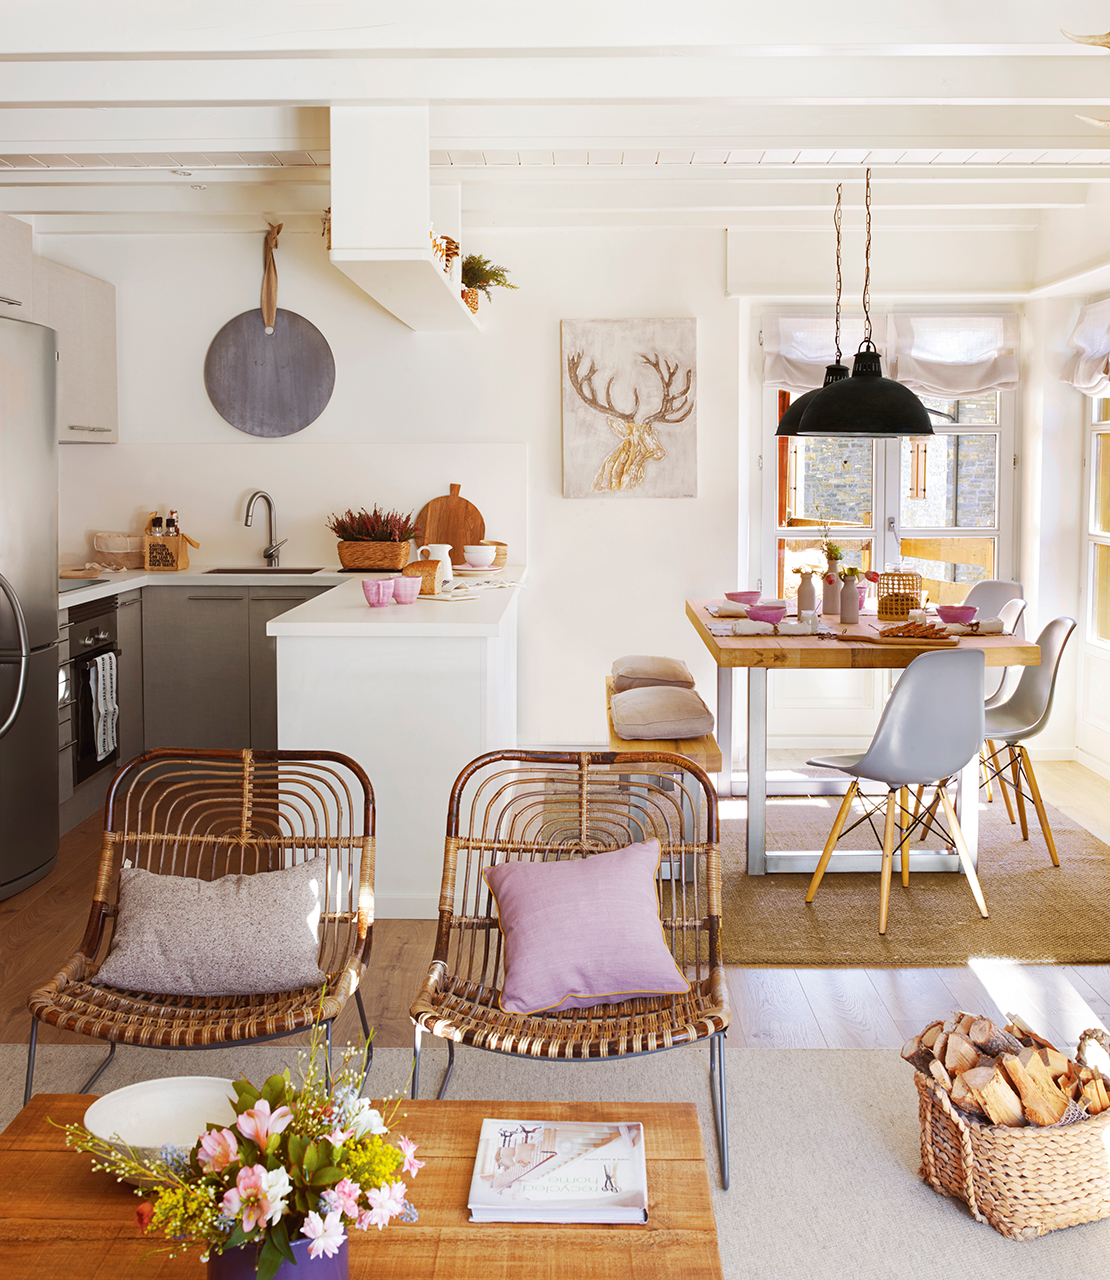 Дизайн кухни гостиной в эклектичном стиле